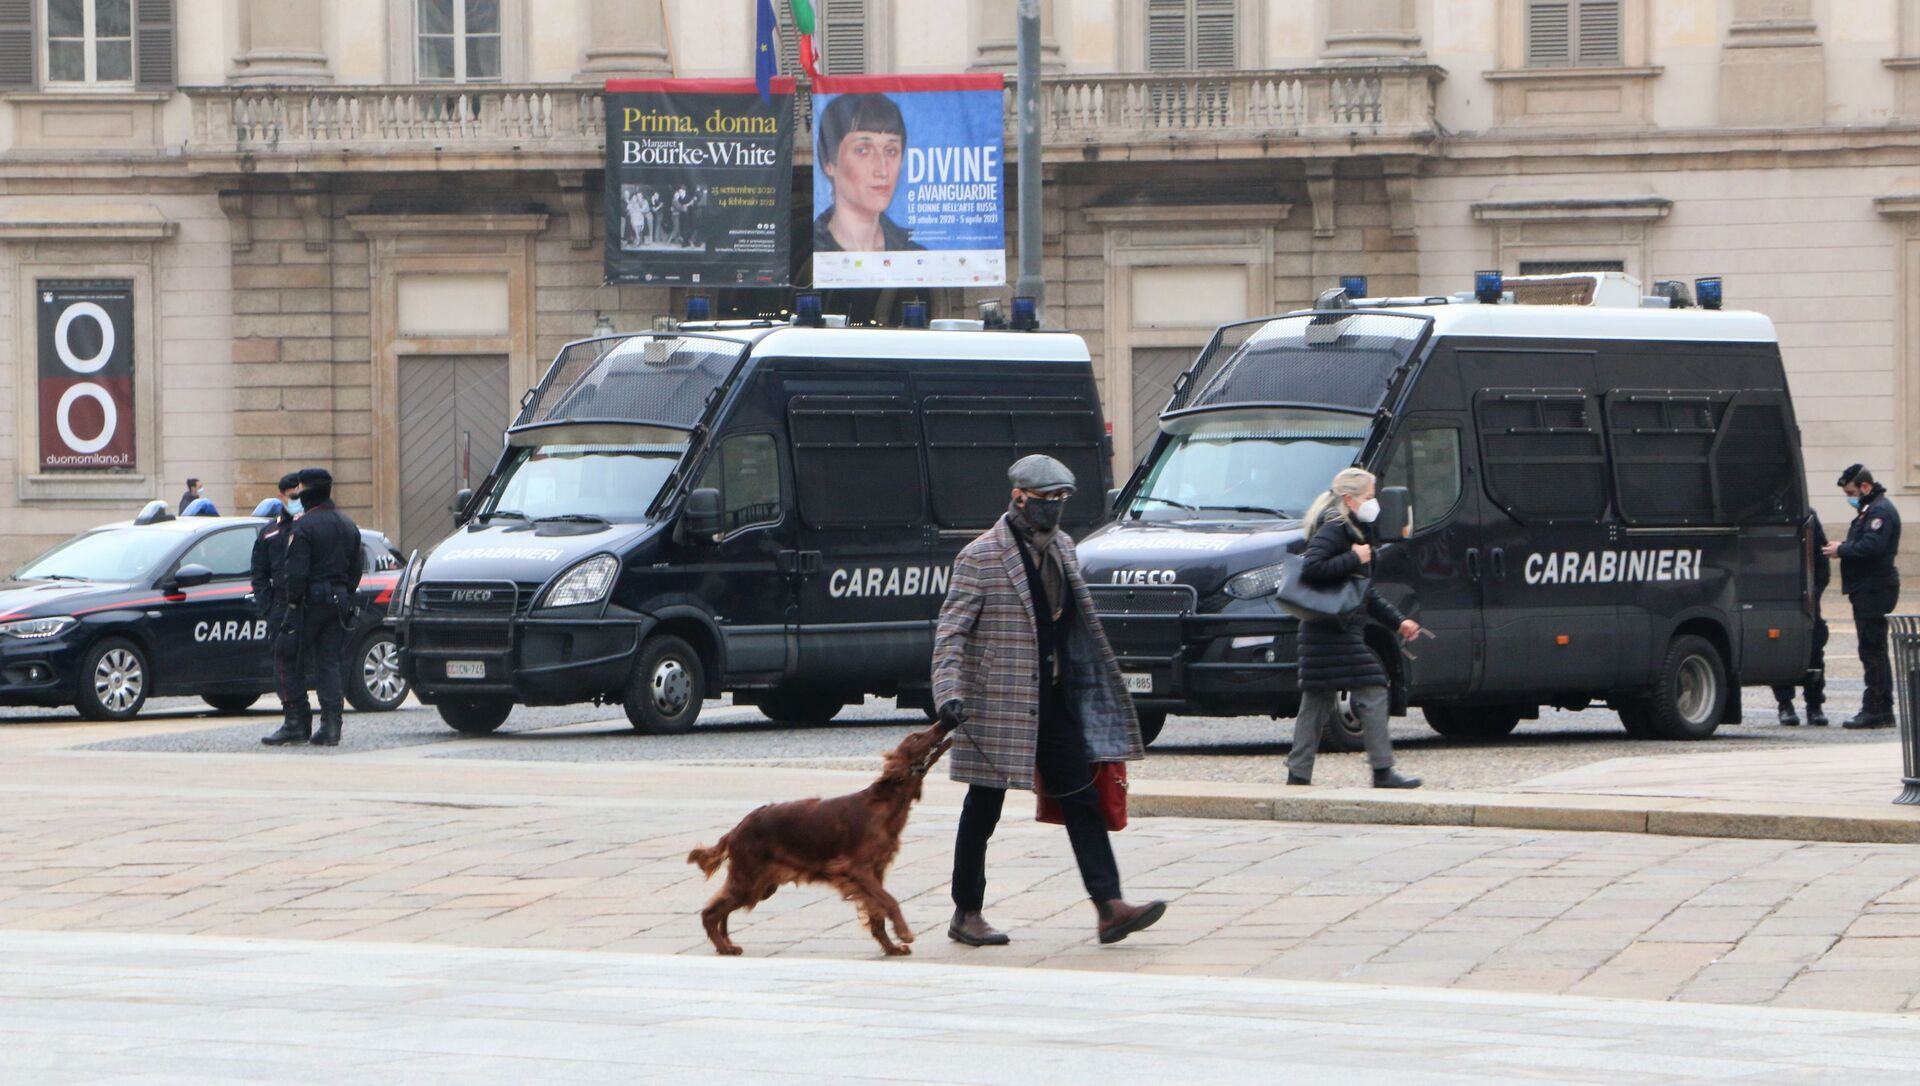 Un uomo con un cane vicino al Duomo a Milano in Italia - Sputnik Italia, 1920, 05.03.2021